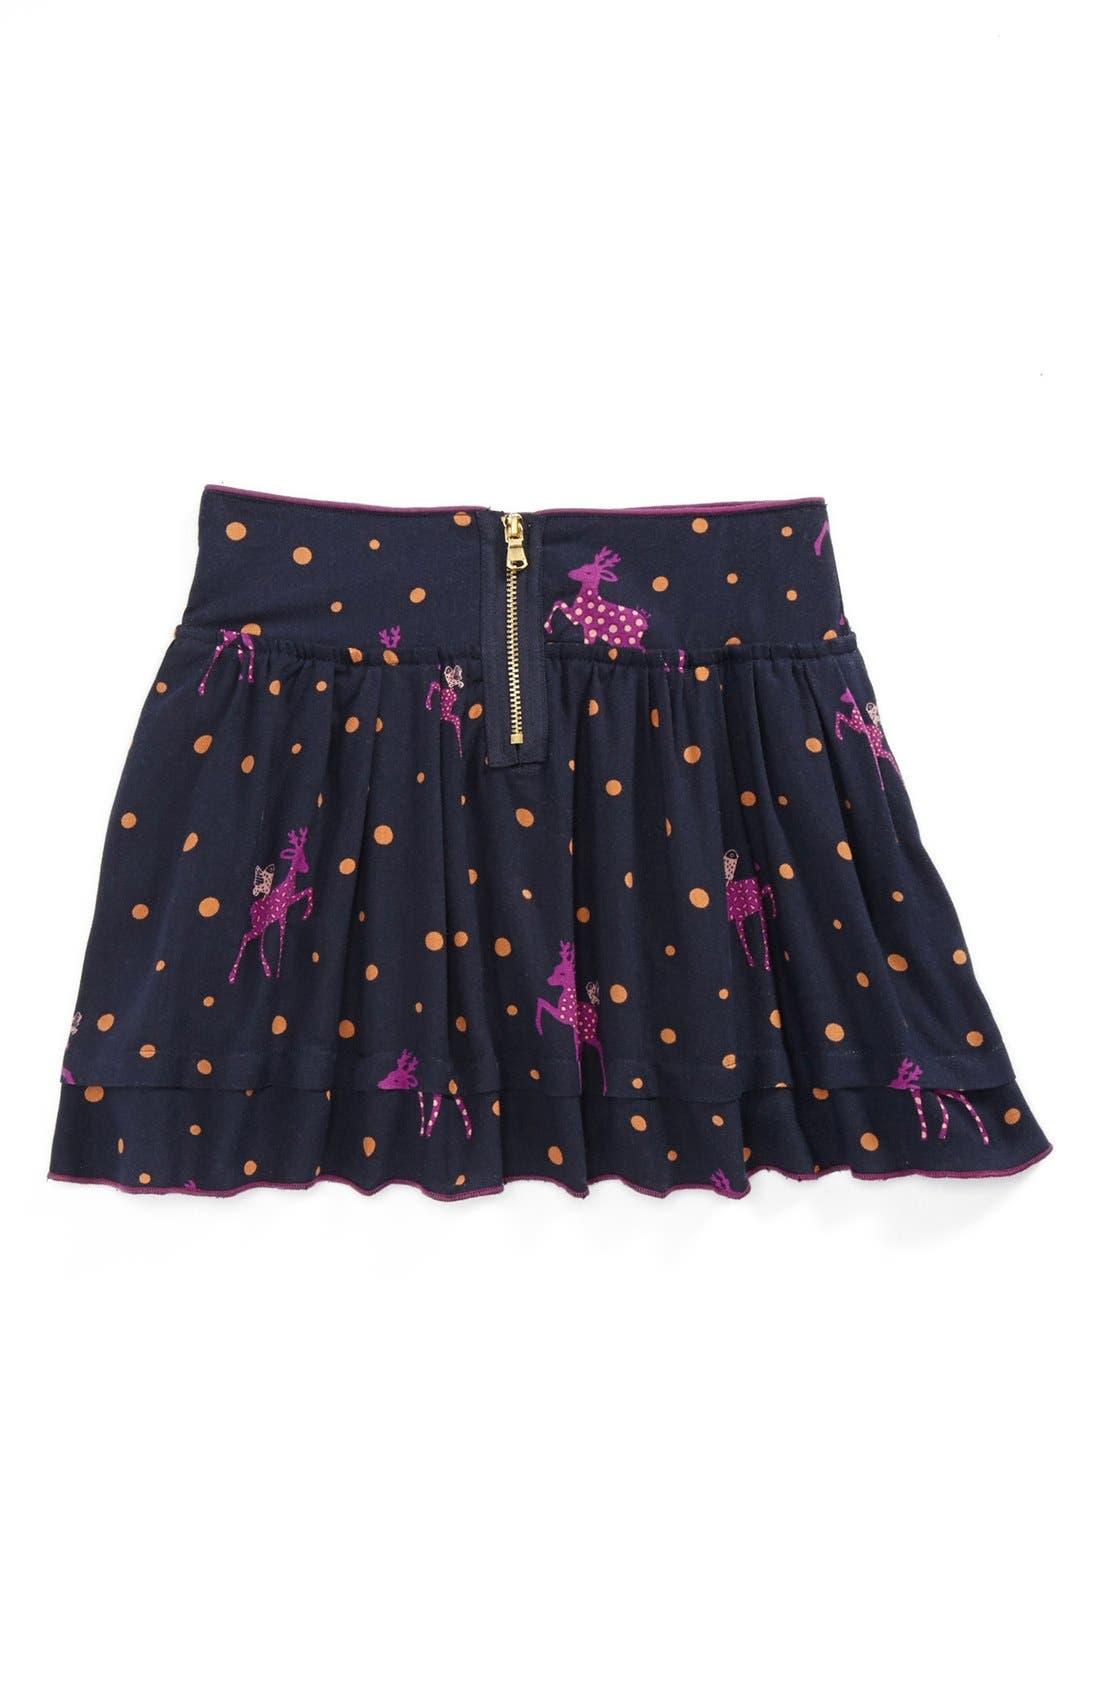 Alternate Image 2  - LITTLE MARC JACOBS Twill Skirt (Toddler Girls, Little Girls & Big Girls)